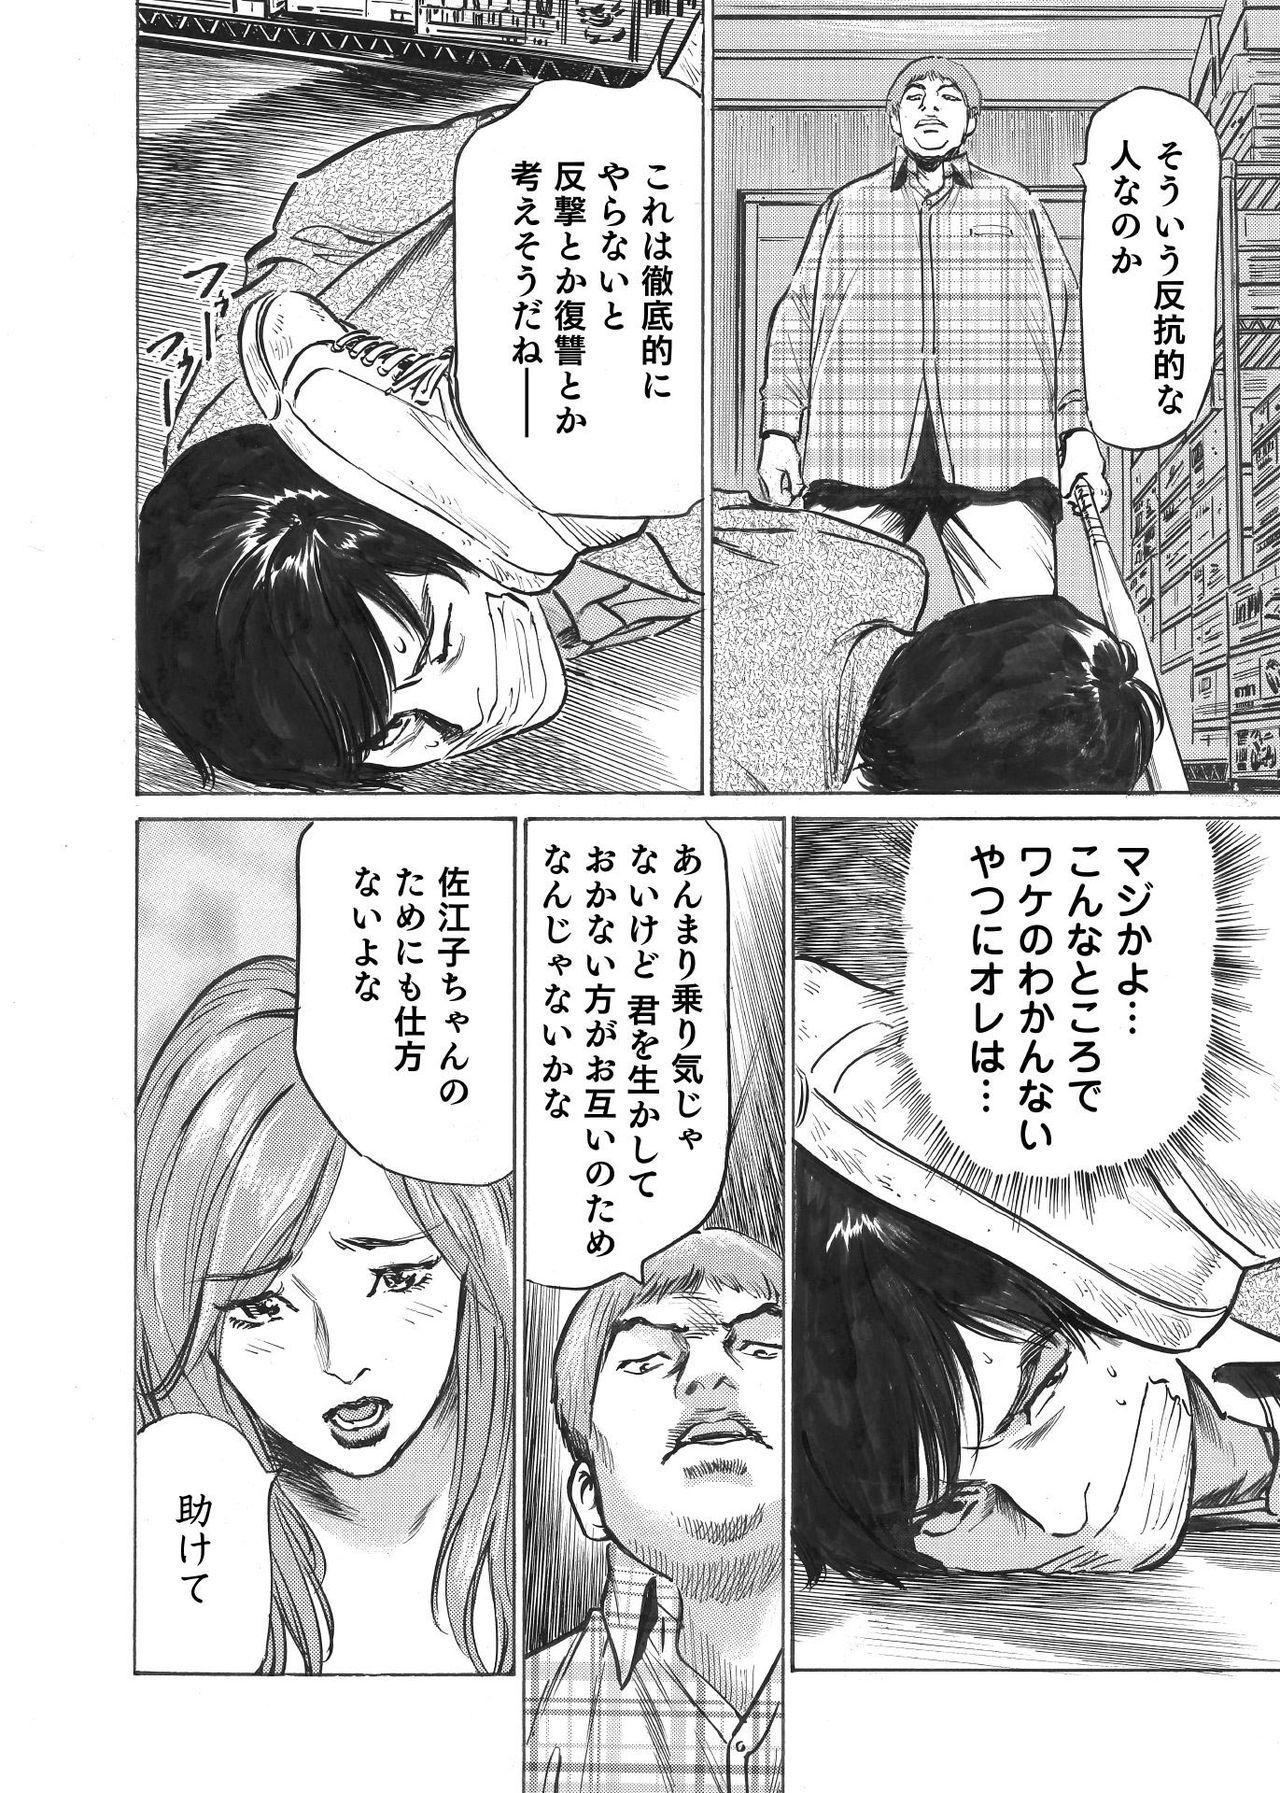 Ore wa Tsuma no Koto o Yoku Shiranai 1-9 48